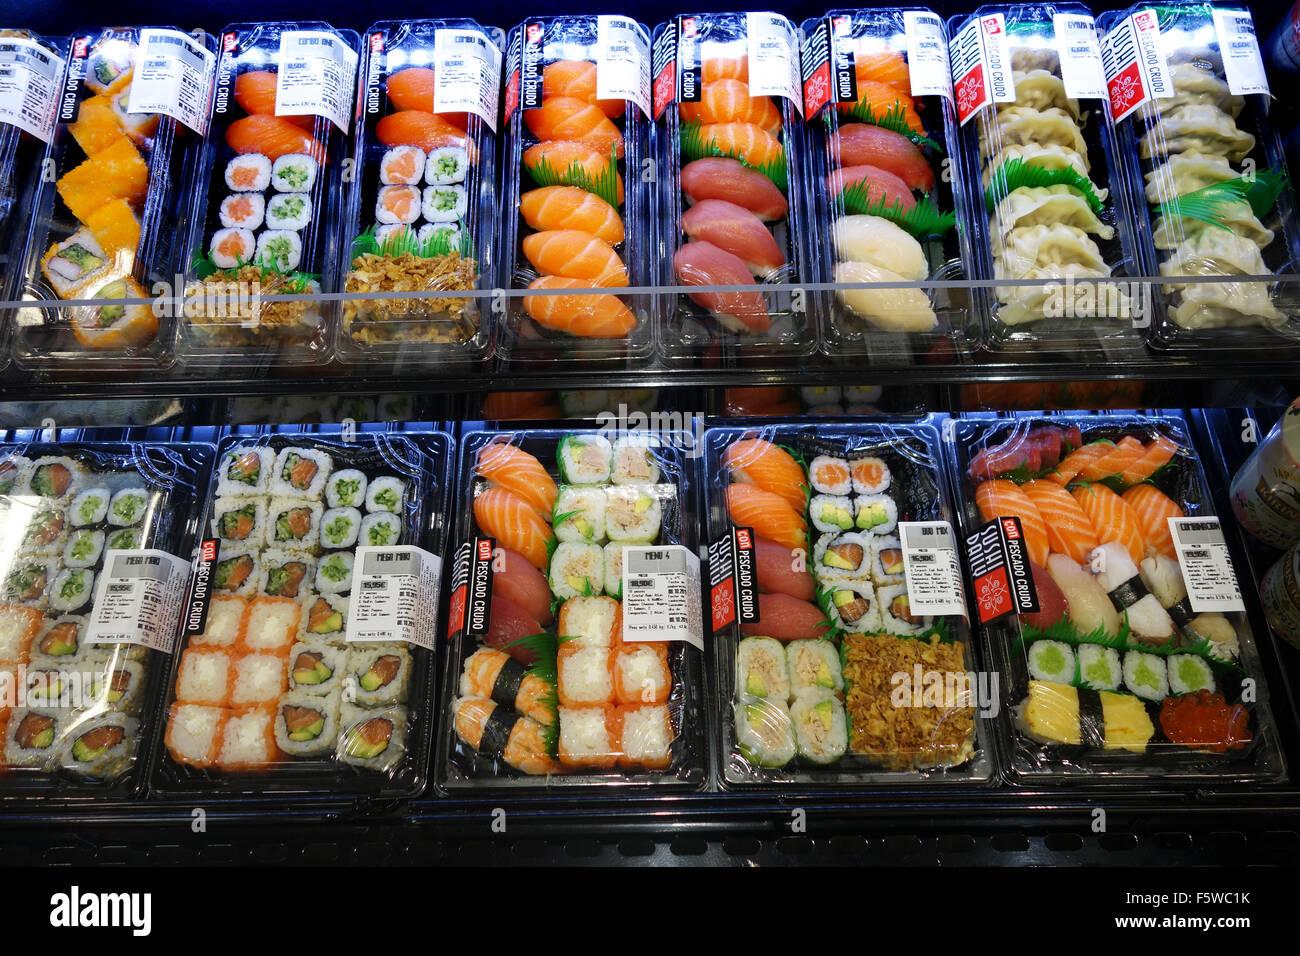 Sushi on sale - Stock Image